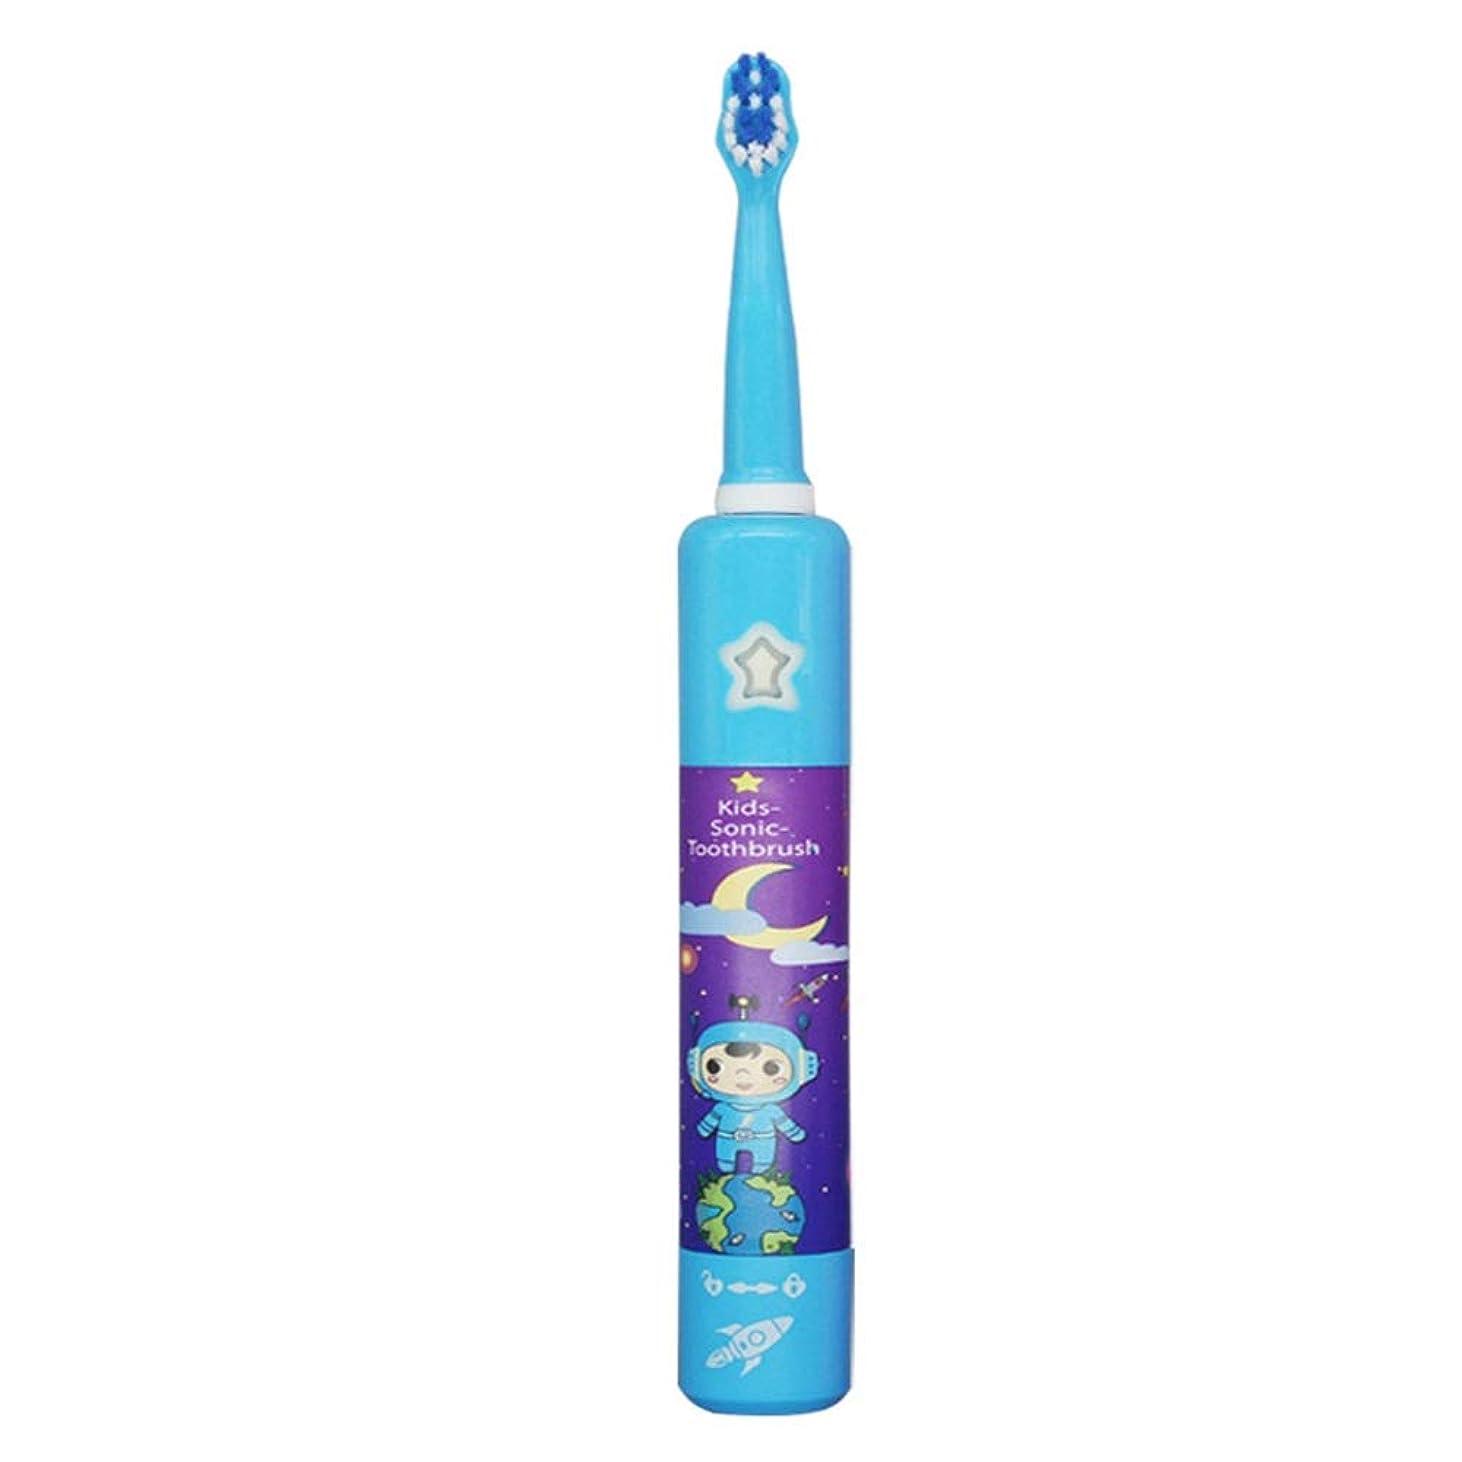 認知空中衣類電動歯ブラシ 子供の電気USB充電式歯ブラシかわいい柔らかい髪音楽歯ブラシホルダーと1つの交換用ヘッド ケアー プロテクトクリーン (色 : 青, サイズ : Free size)